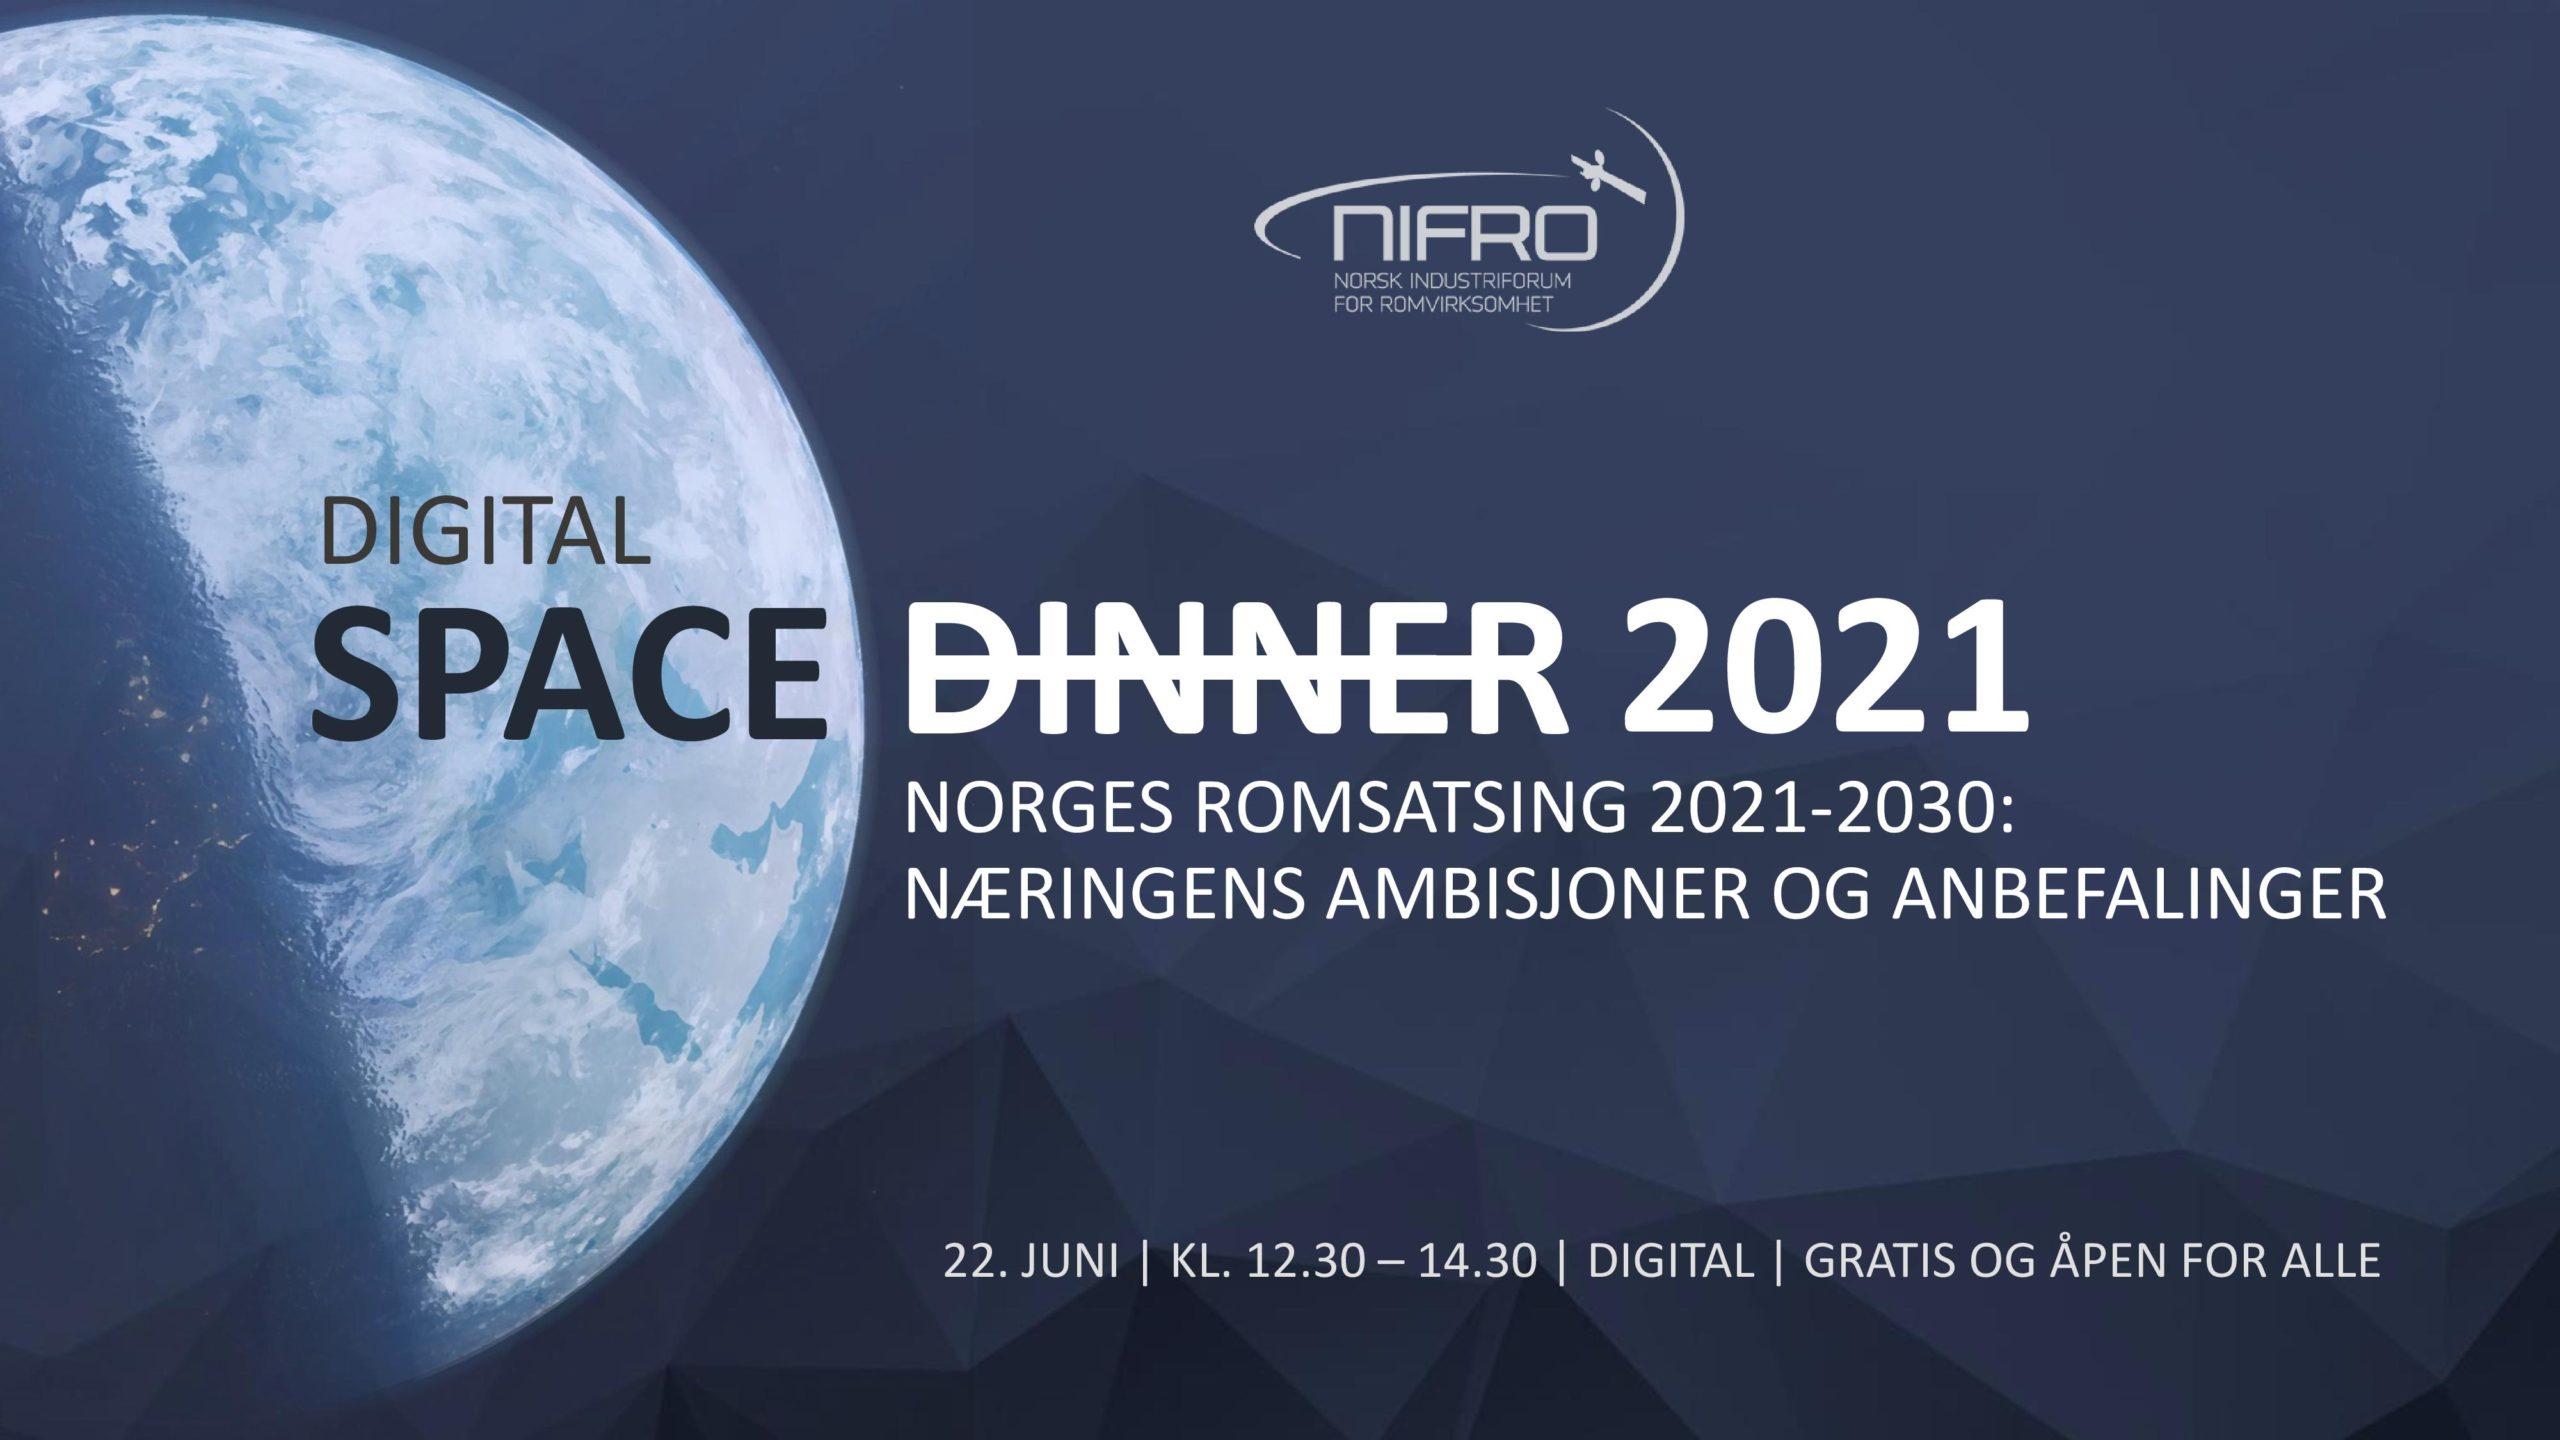 Digital Space Dinner 2021